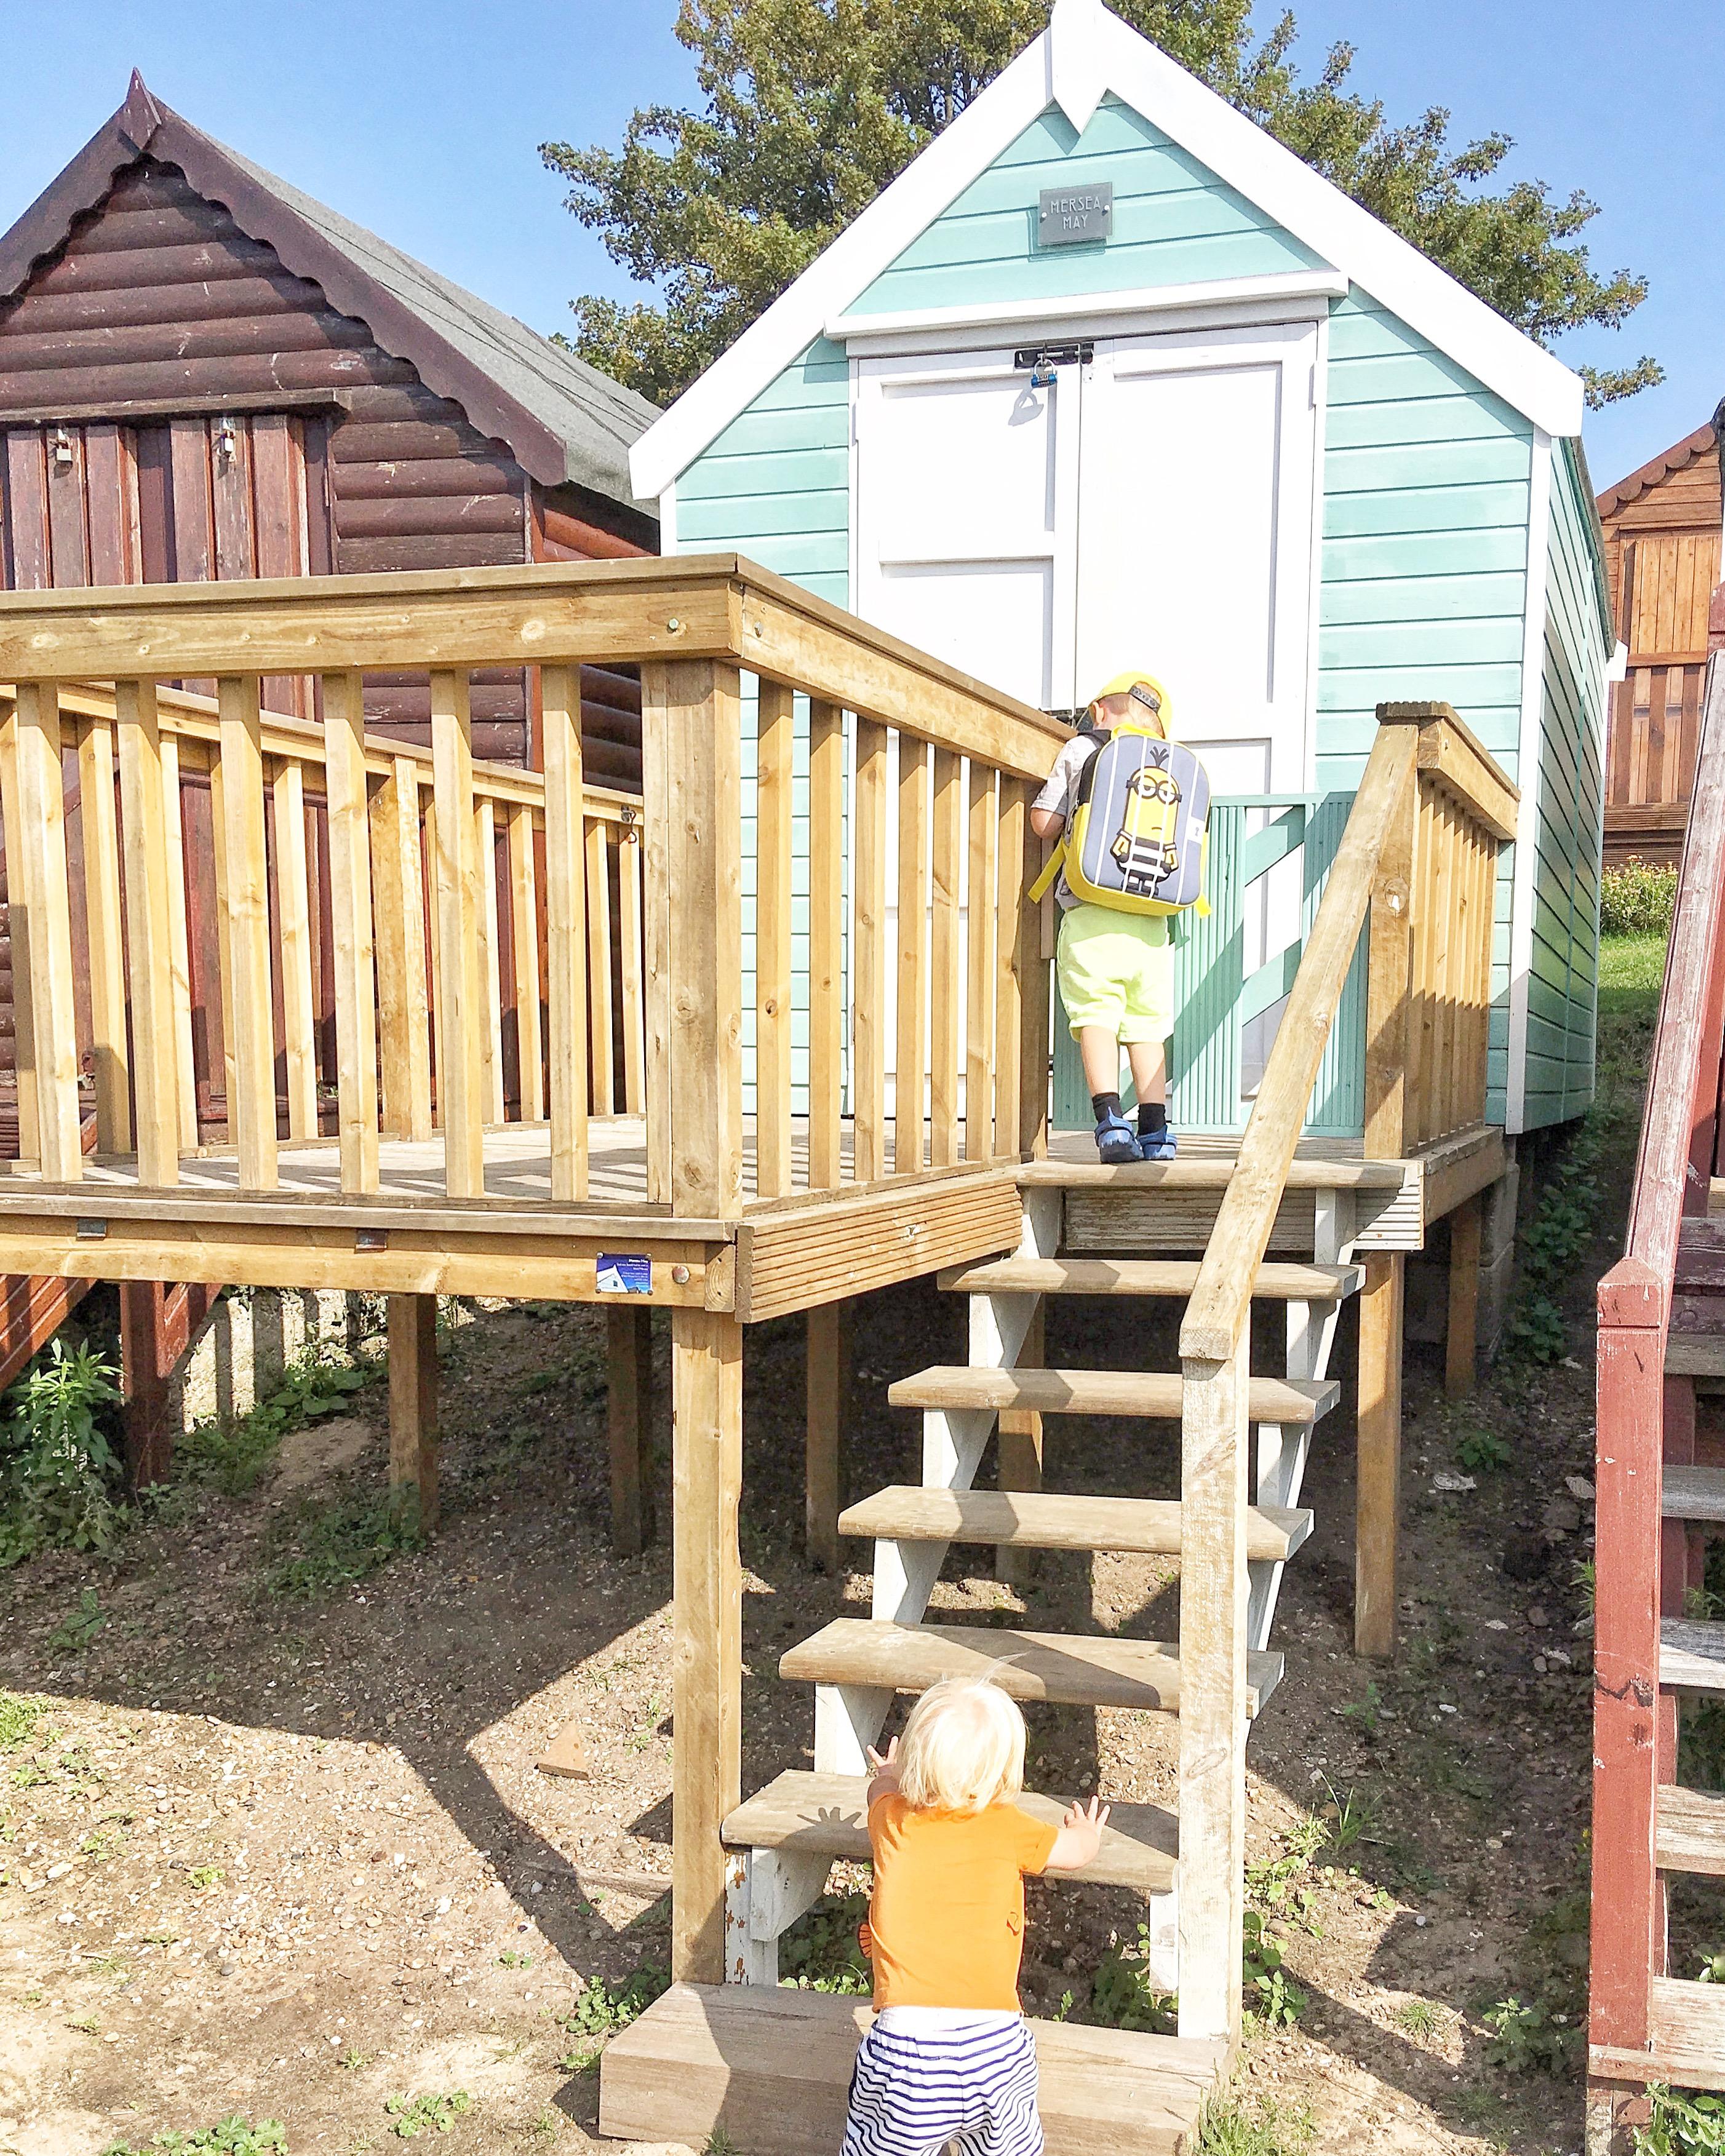 Mersea may beach hut